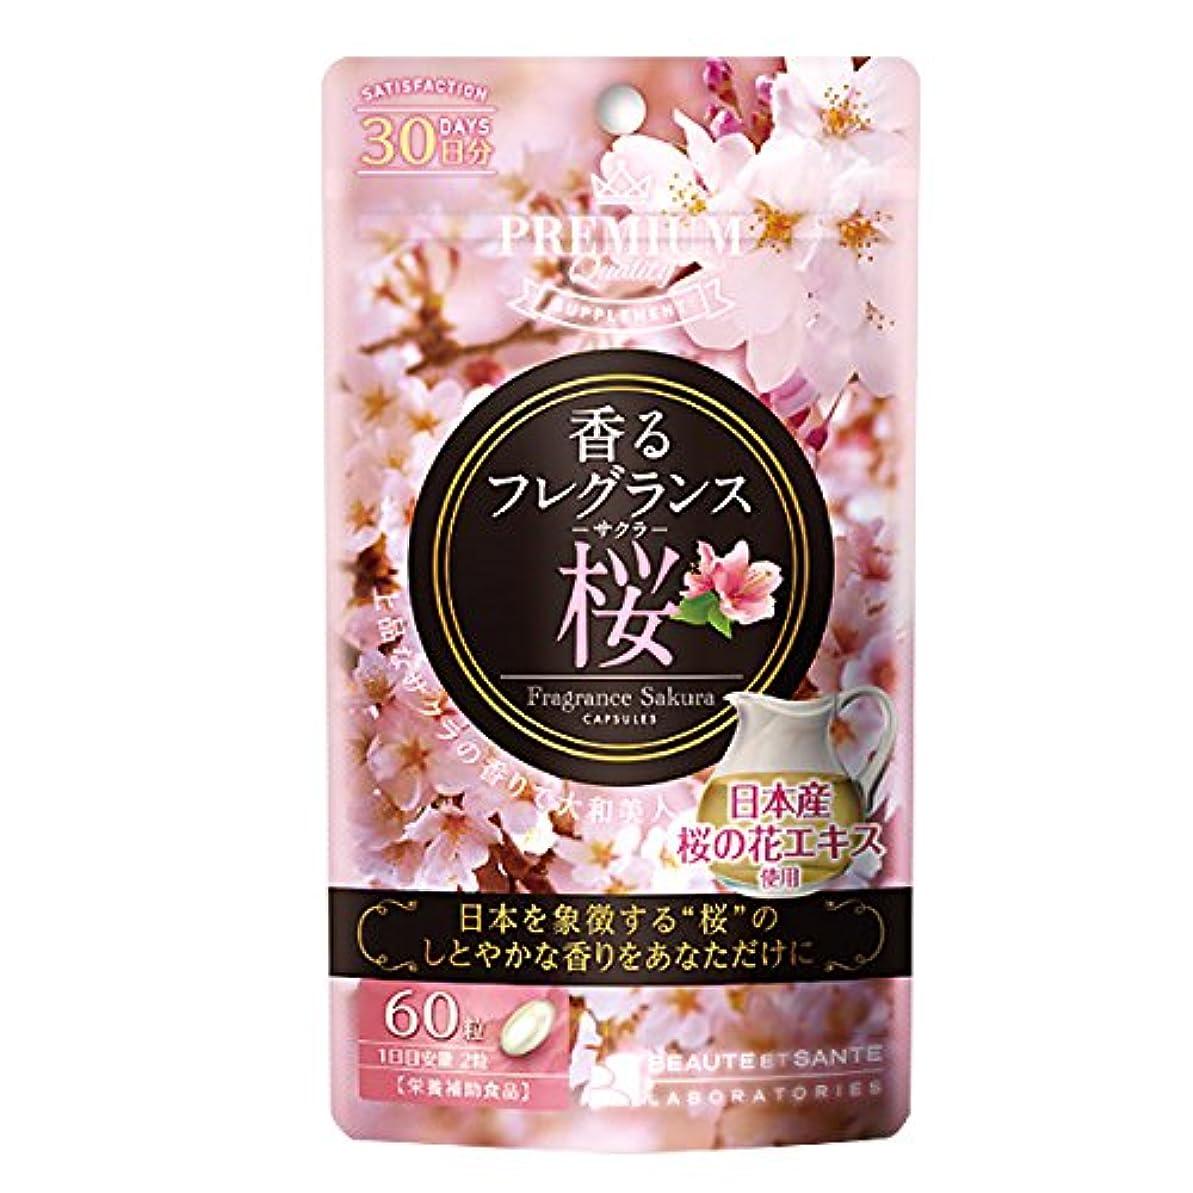 配管工荒涼としたメタン香るフレグランス 桜 [60粒]